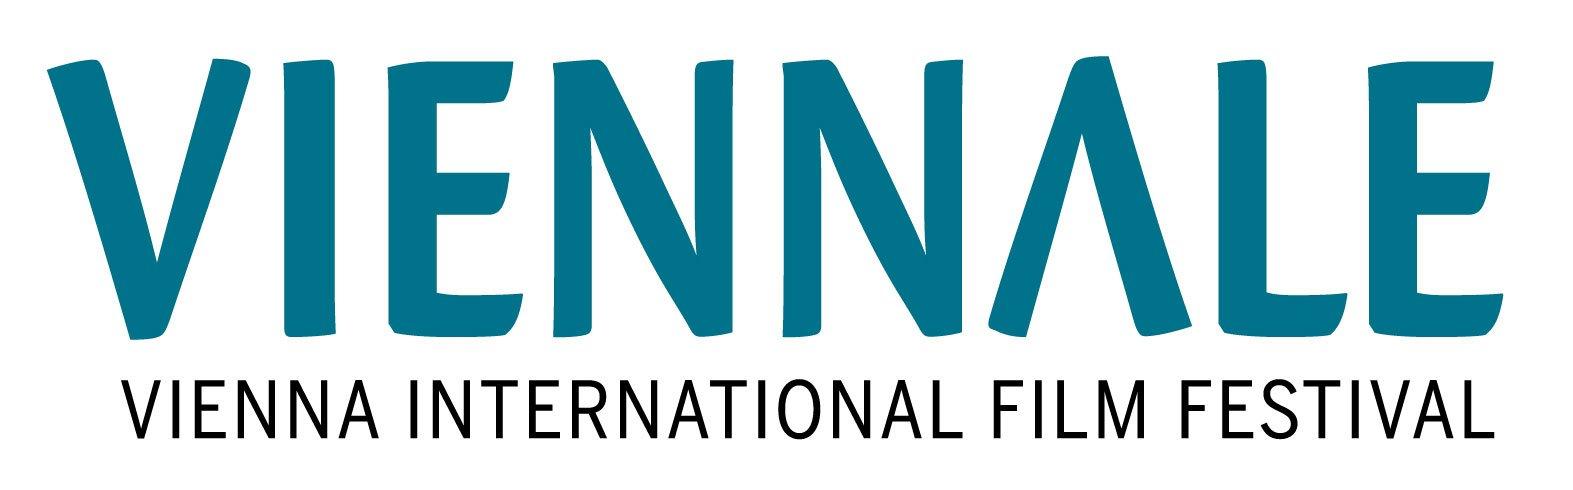 Logo Viennale 2018